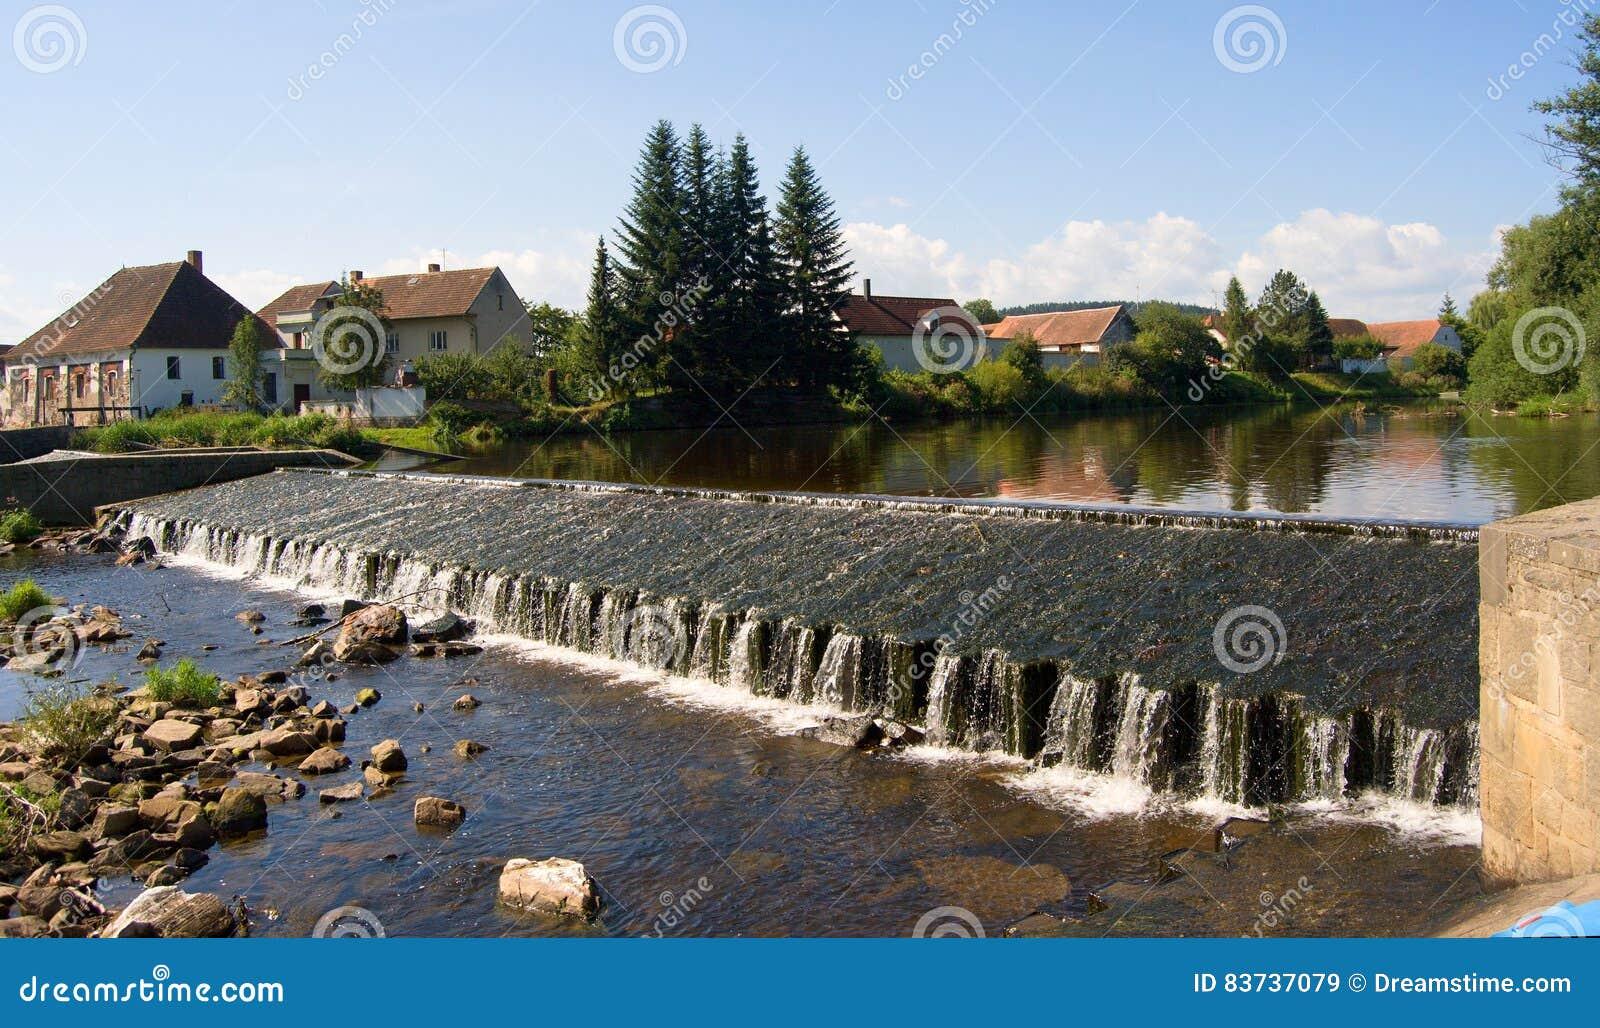 人为水闸和村庄奥塔瓦河河的,飞溅结冰的水,捷克秀丽